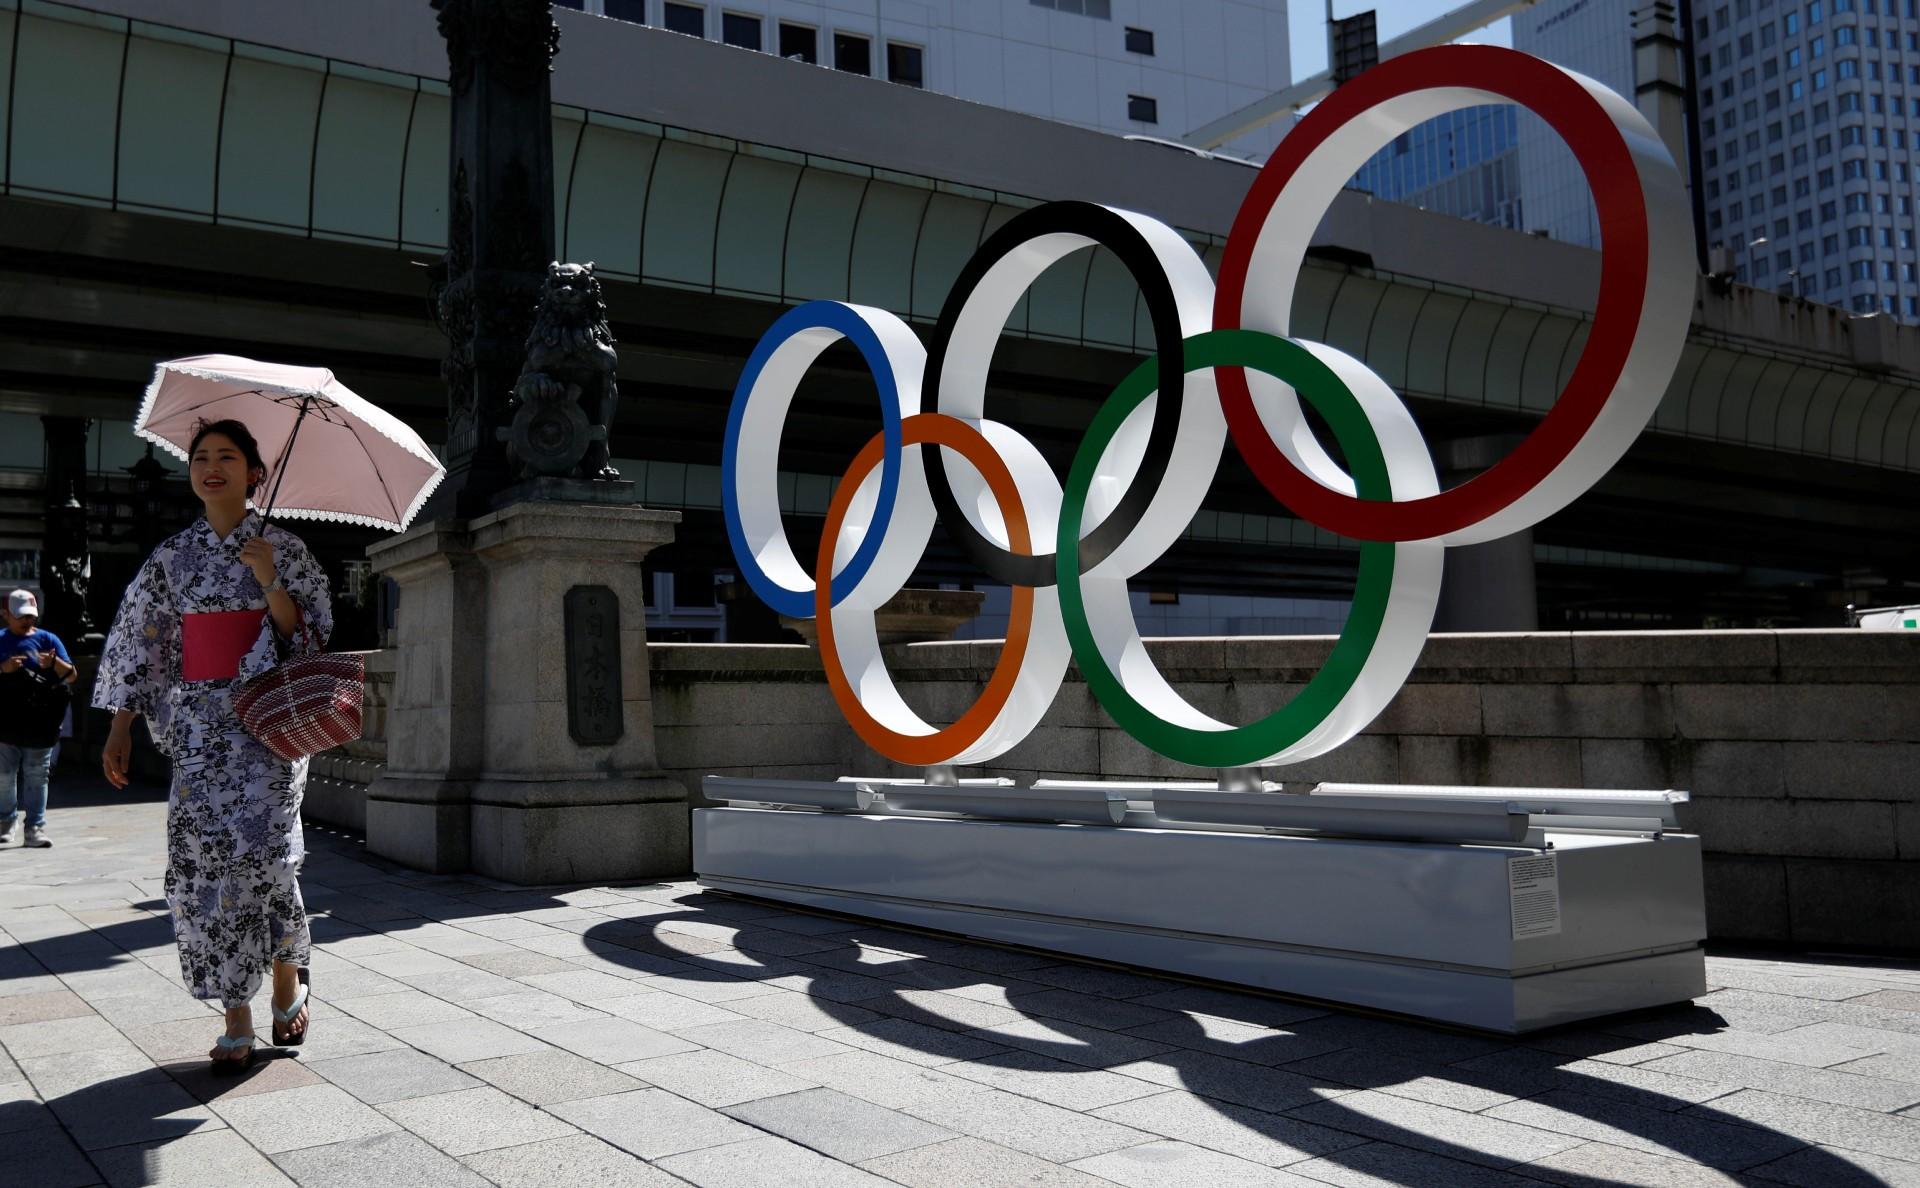 Коронавирус: что будет с Олимпиадой 2020 в Токио?